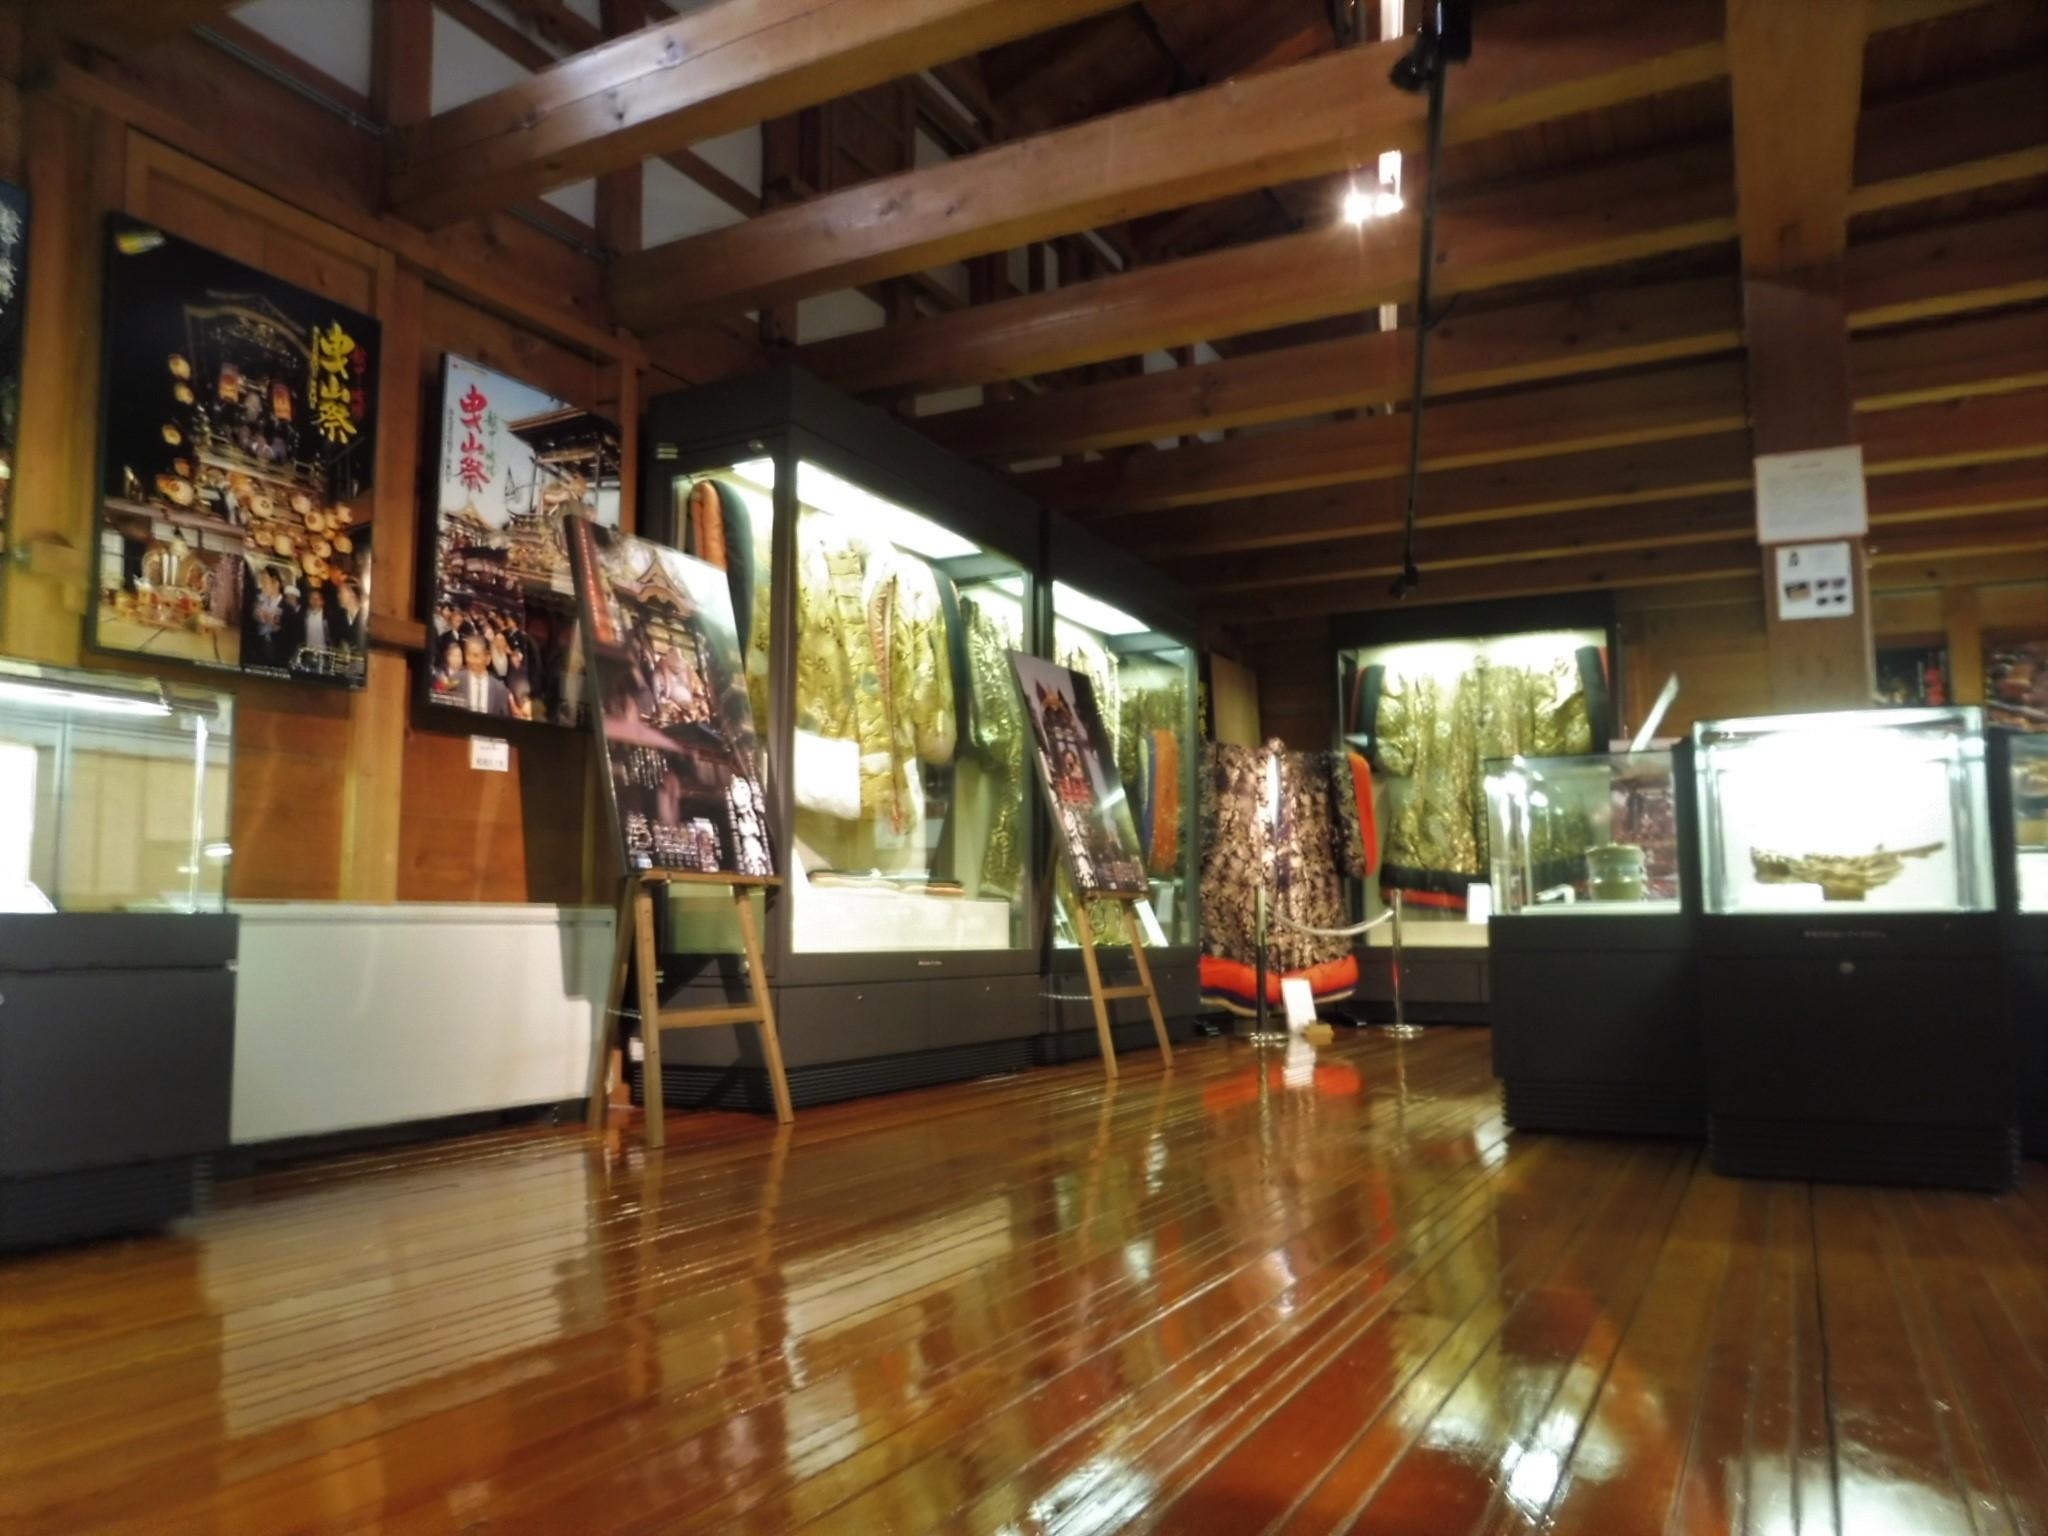 南砺市城端曳山会館にて特別企画展「曳山御神像衣裳展」を開催します!の画像